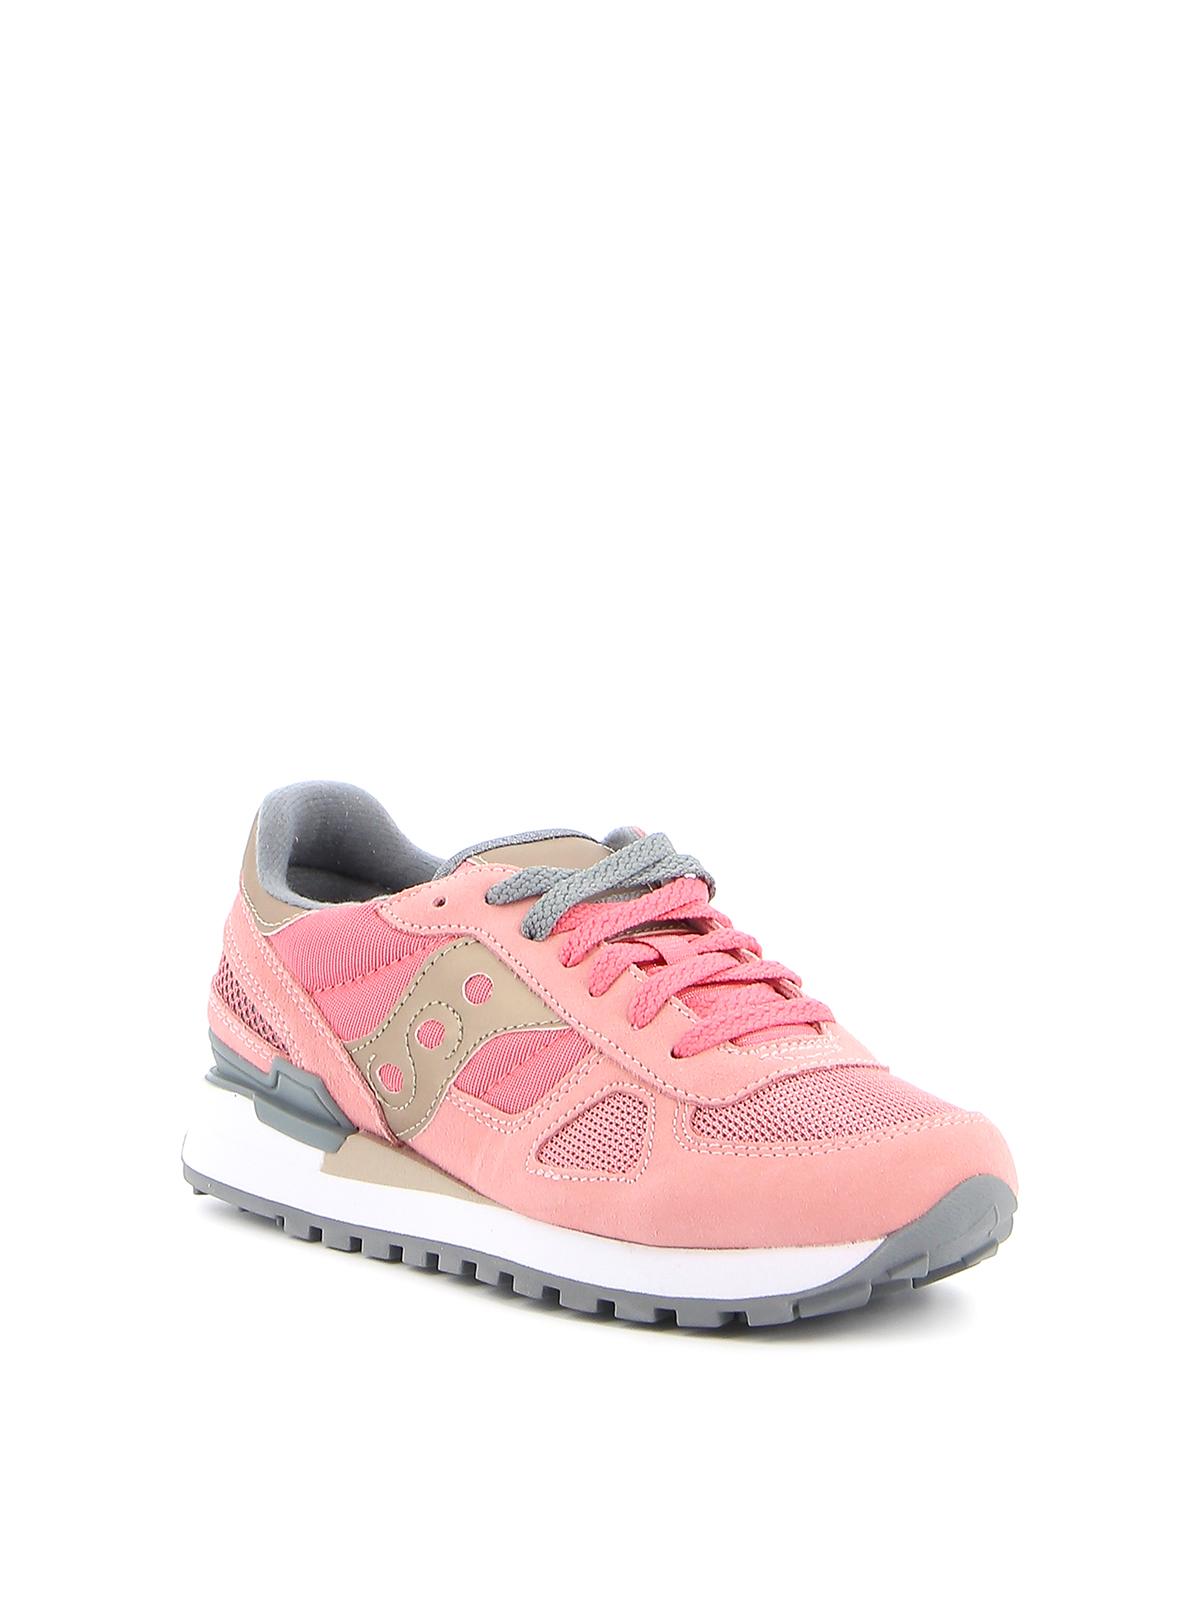 Saucony - Shadow Original pink sneakers